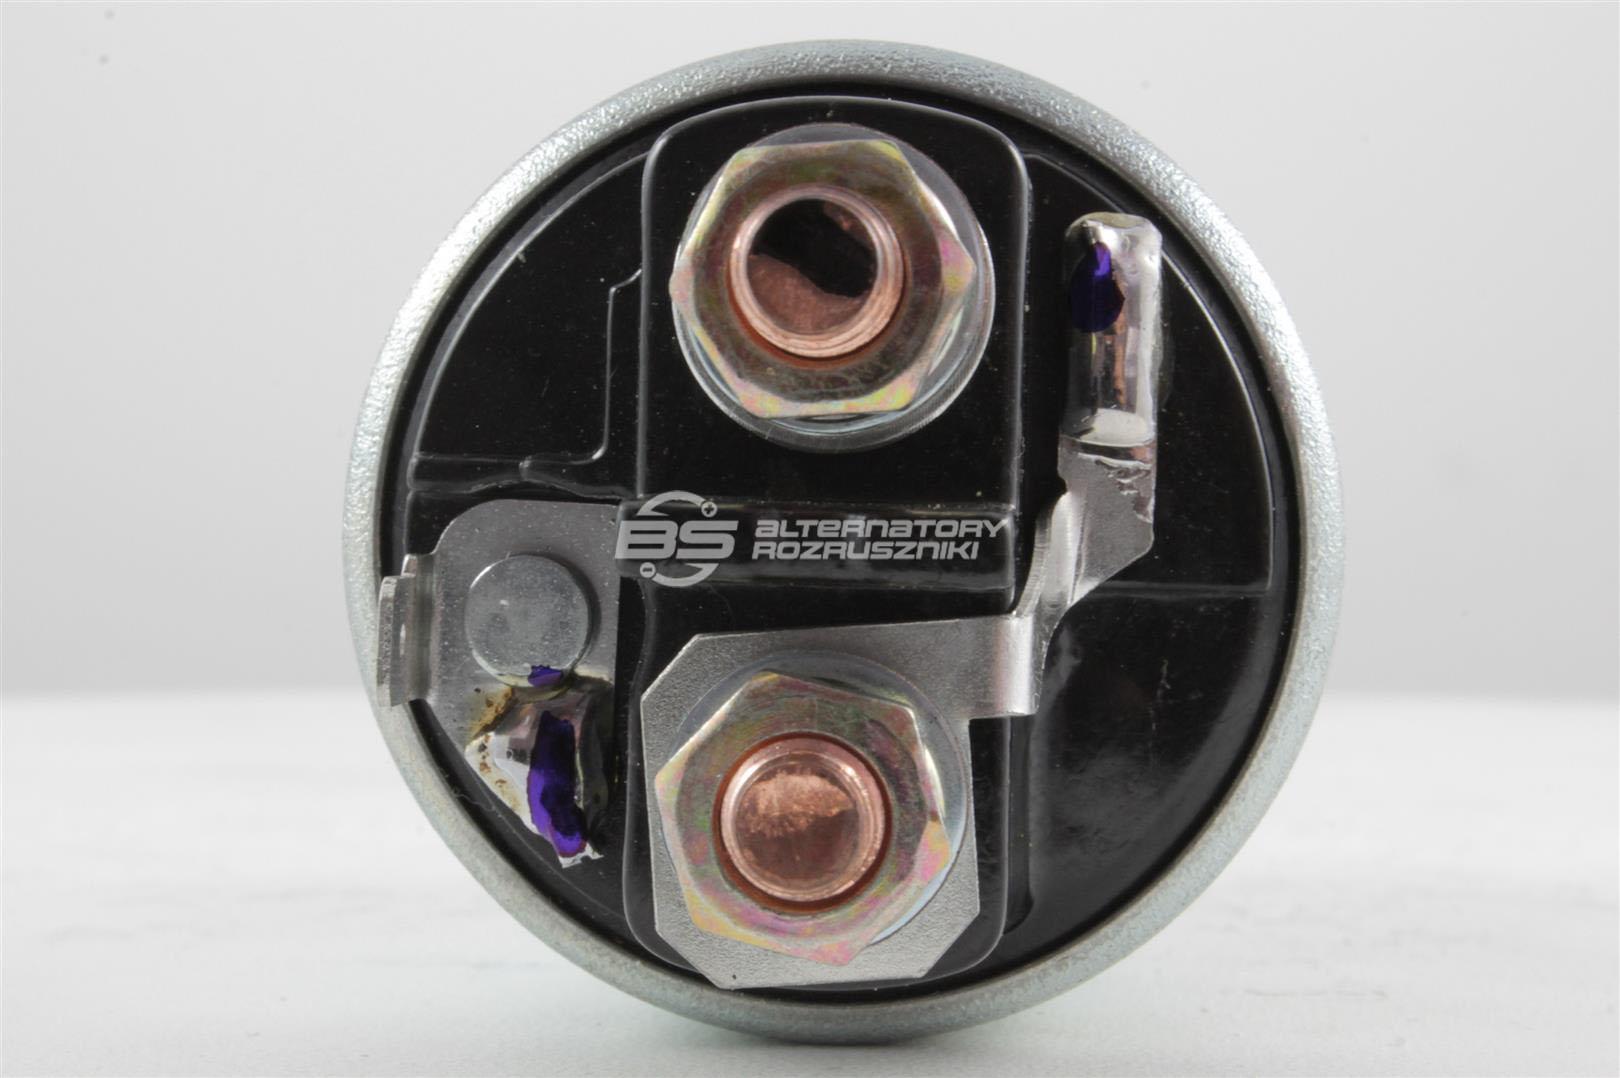 Automat IA9117 Włącznik elektromagnetyczny